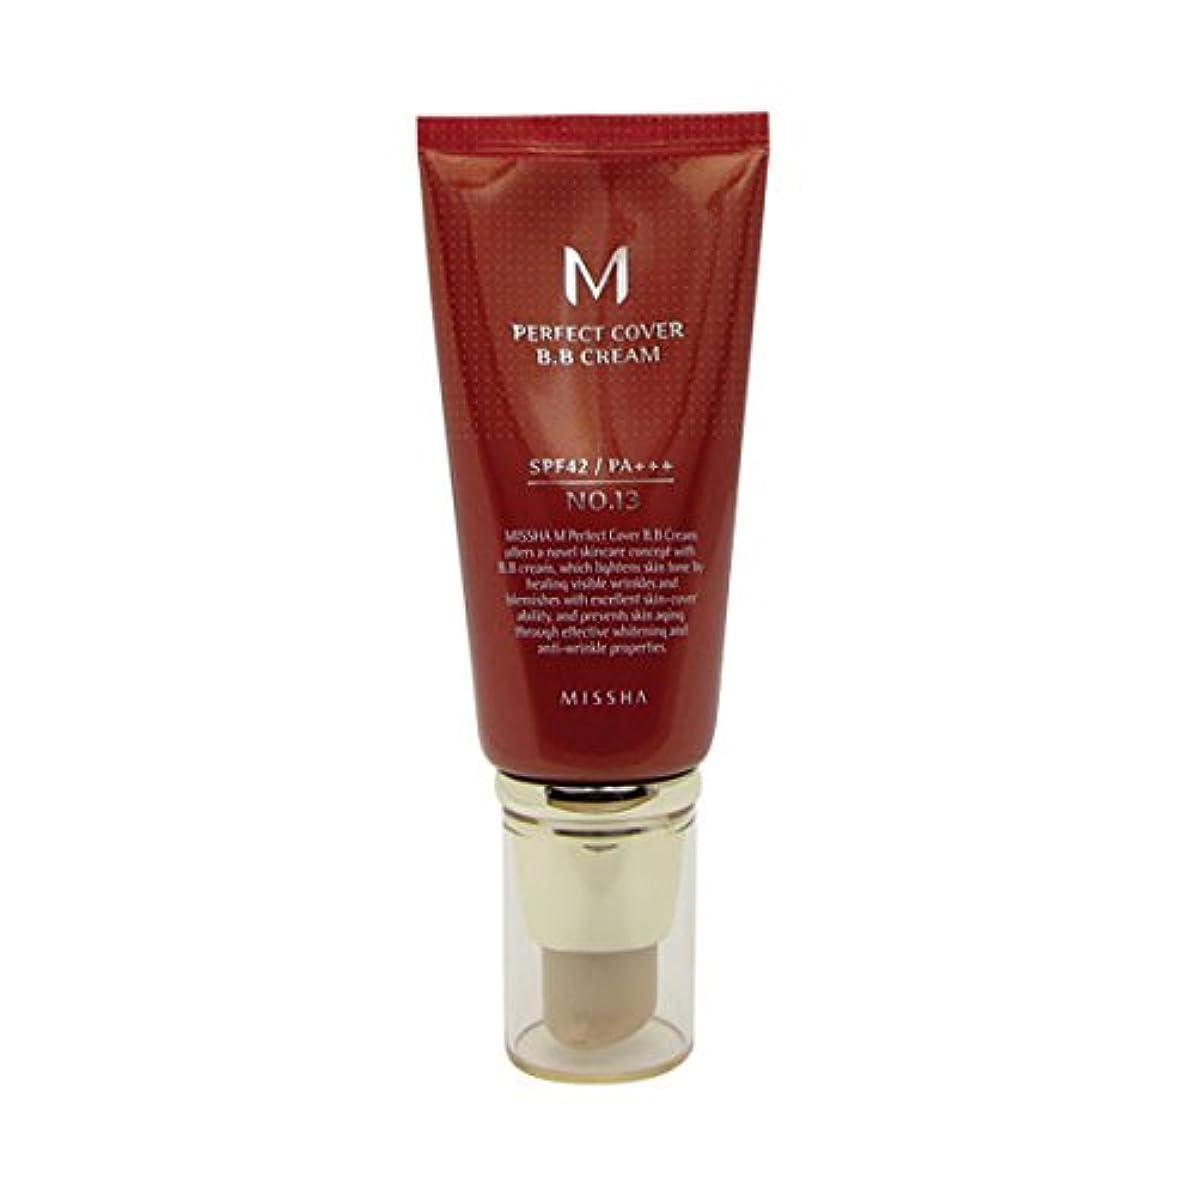 大洪水モチーフ火星Missha M Perfect Cover Bb Cream Spf42/pa+++ No.13 Bright Beige 50ml [並行輸入品]